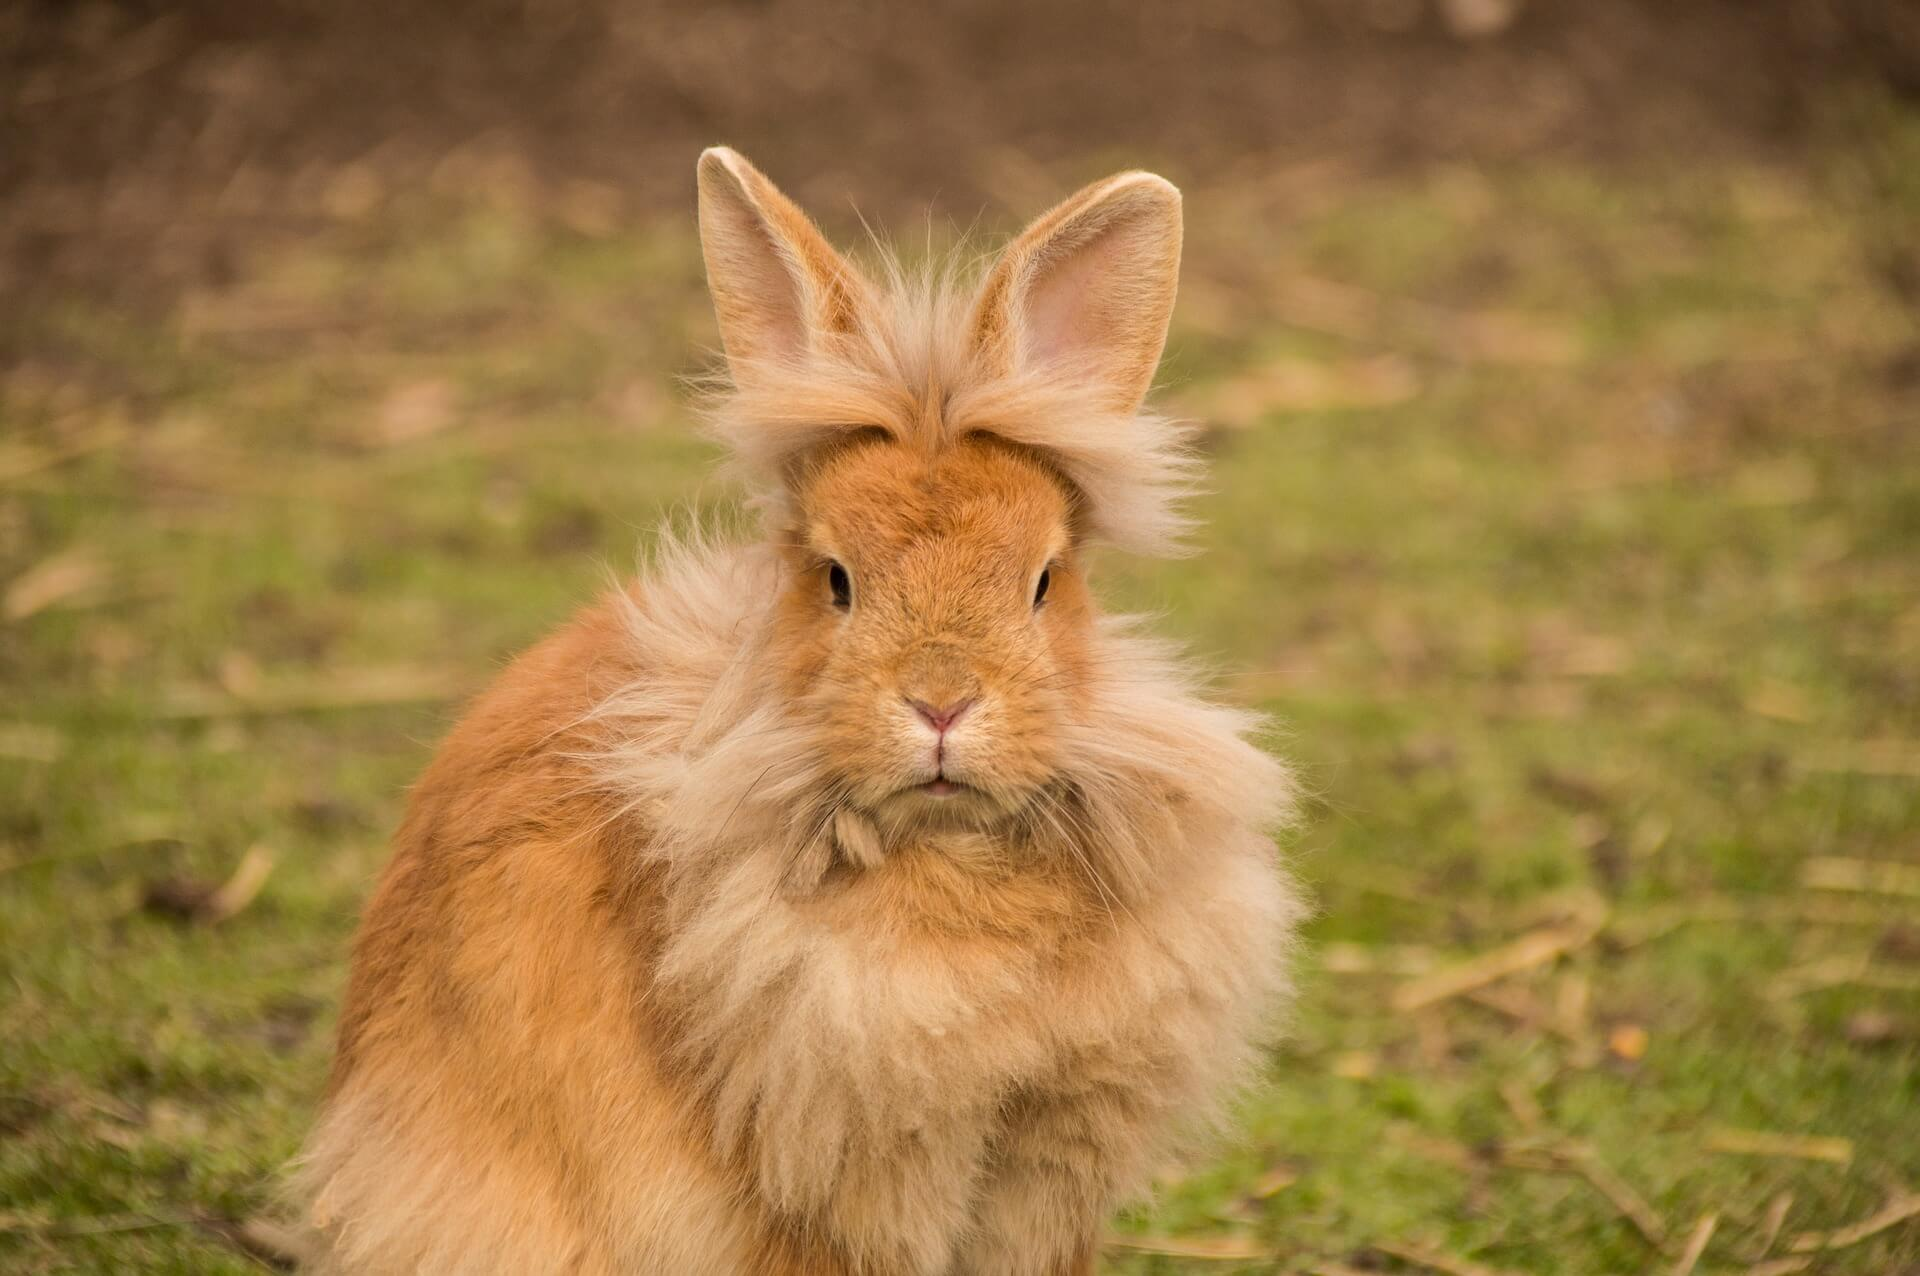 ライオンラビットはたてがみのような飾り毛と短めの耳が特徴のウサギです。ペッとしての歴史はまだまだ浅い種類ですが、その分、個性派揃いでオンリーワンの個体に